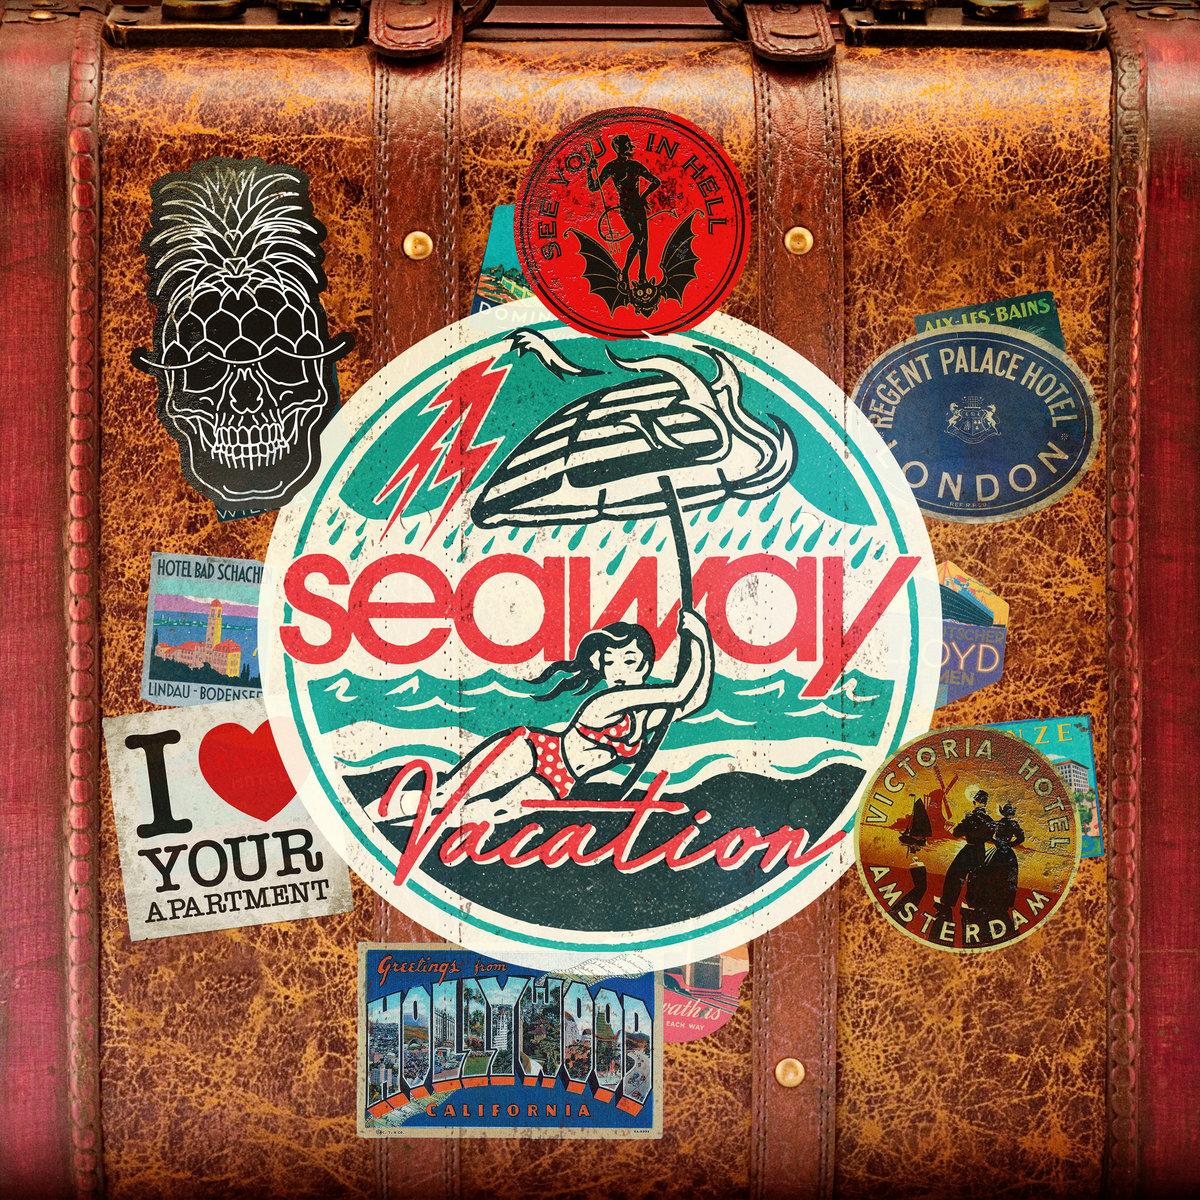 seawayvacation.jpg